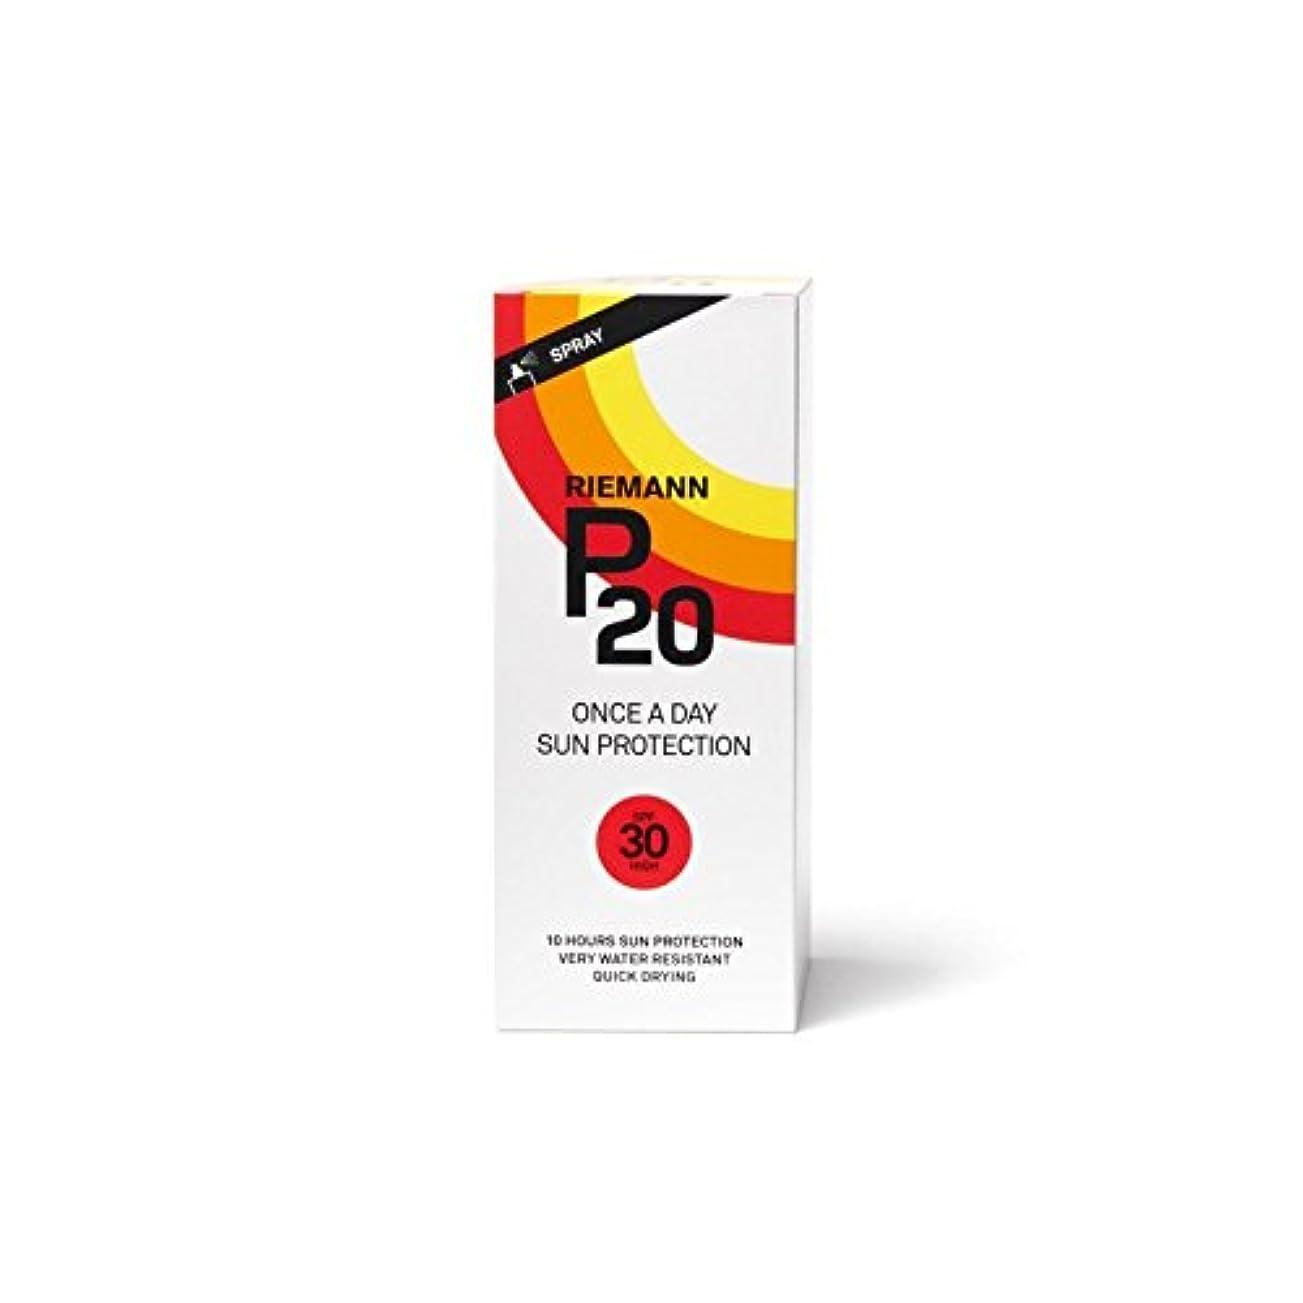 困惑するにリテラシーRiemann P20 Sun Filter 200ml SPF30 (Pack of 6) - リーマン20のサンフィルター200ミリリットル30 x6 [並行輸入品]